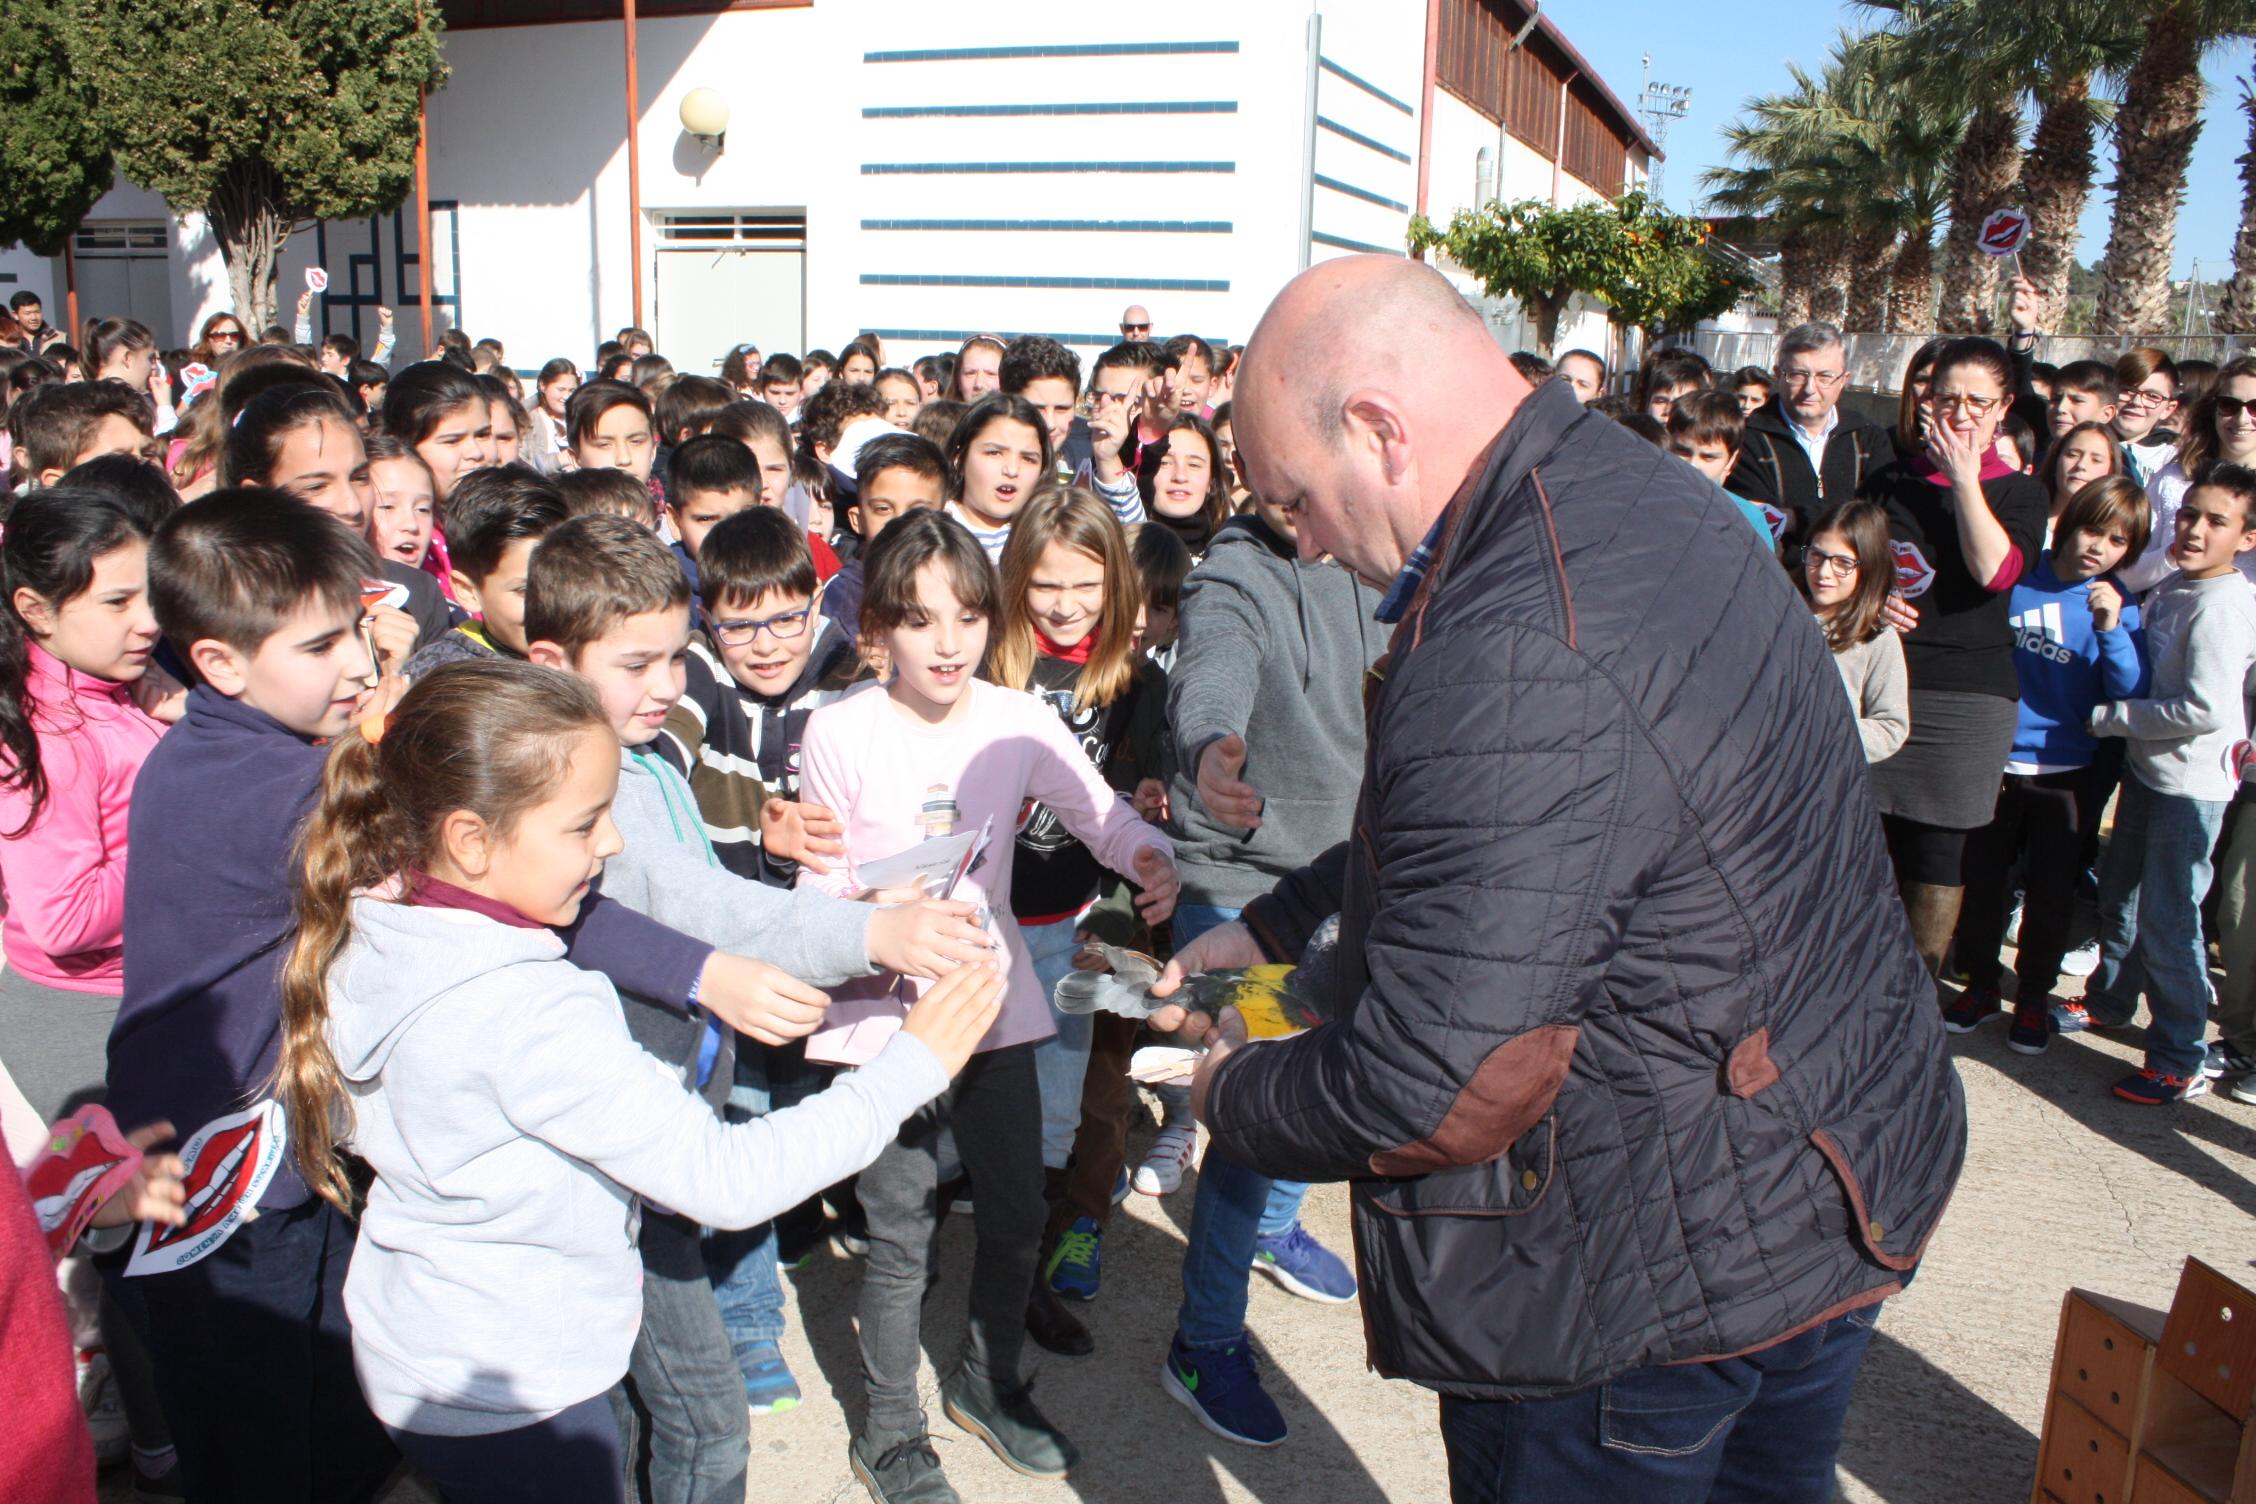 L'Alcalde, Eugenio Fortaña, també va participar en l'acte proporcionant els coloms que alguns dels alumnes van soltar com a símbol de pau.